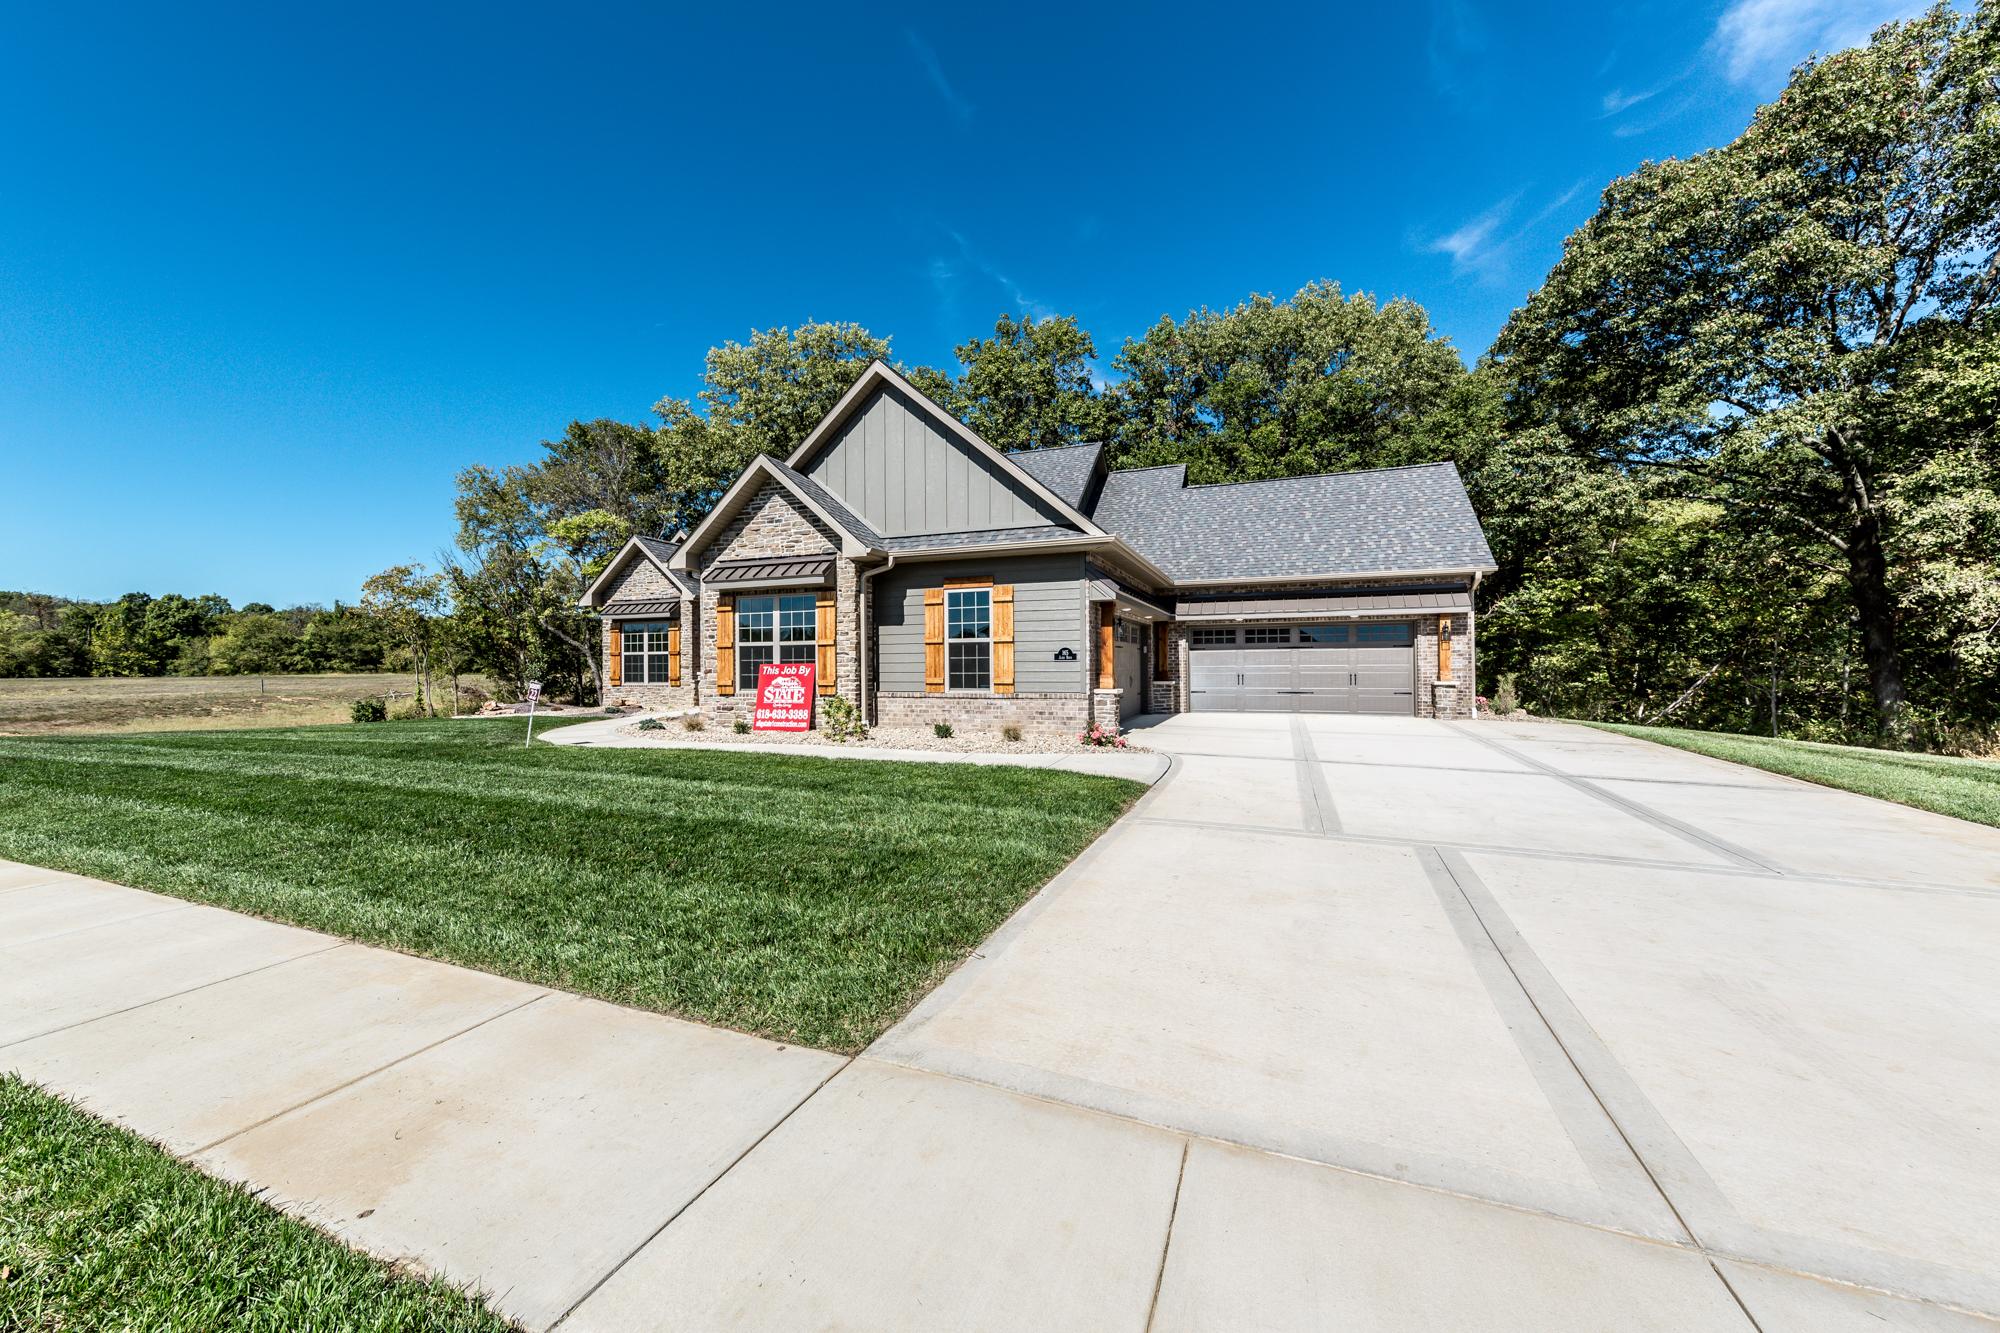 3-Scott-AFB-Real-Estate-For-Sale-O'Fallon-Illinois-62269-3.jpg